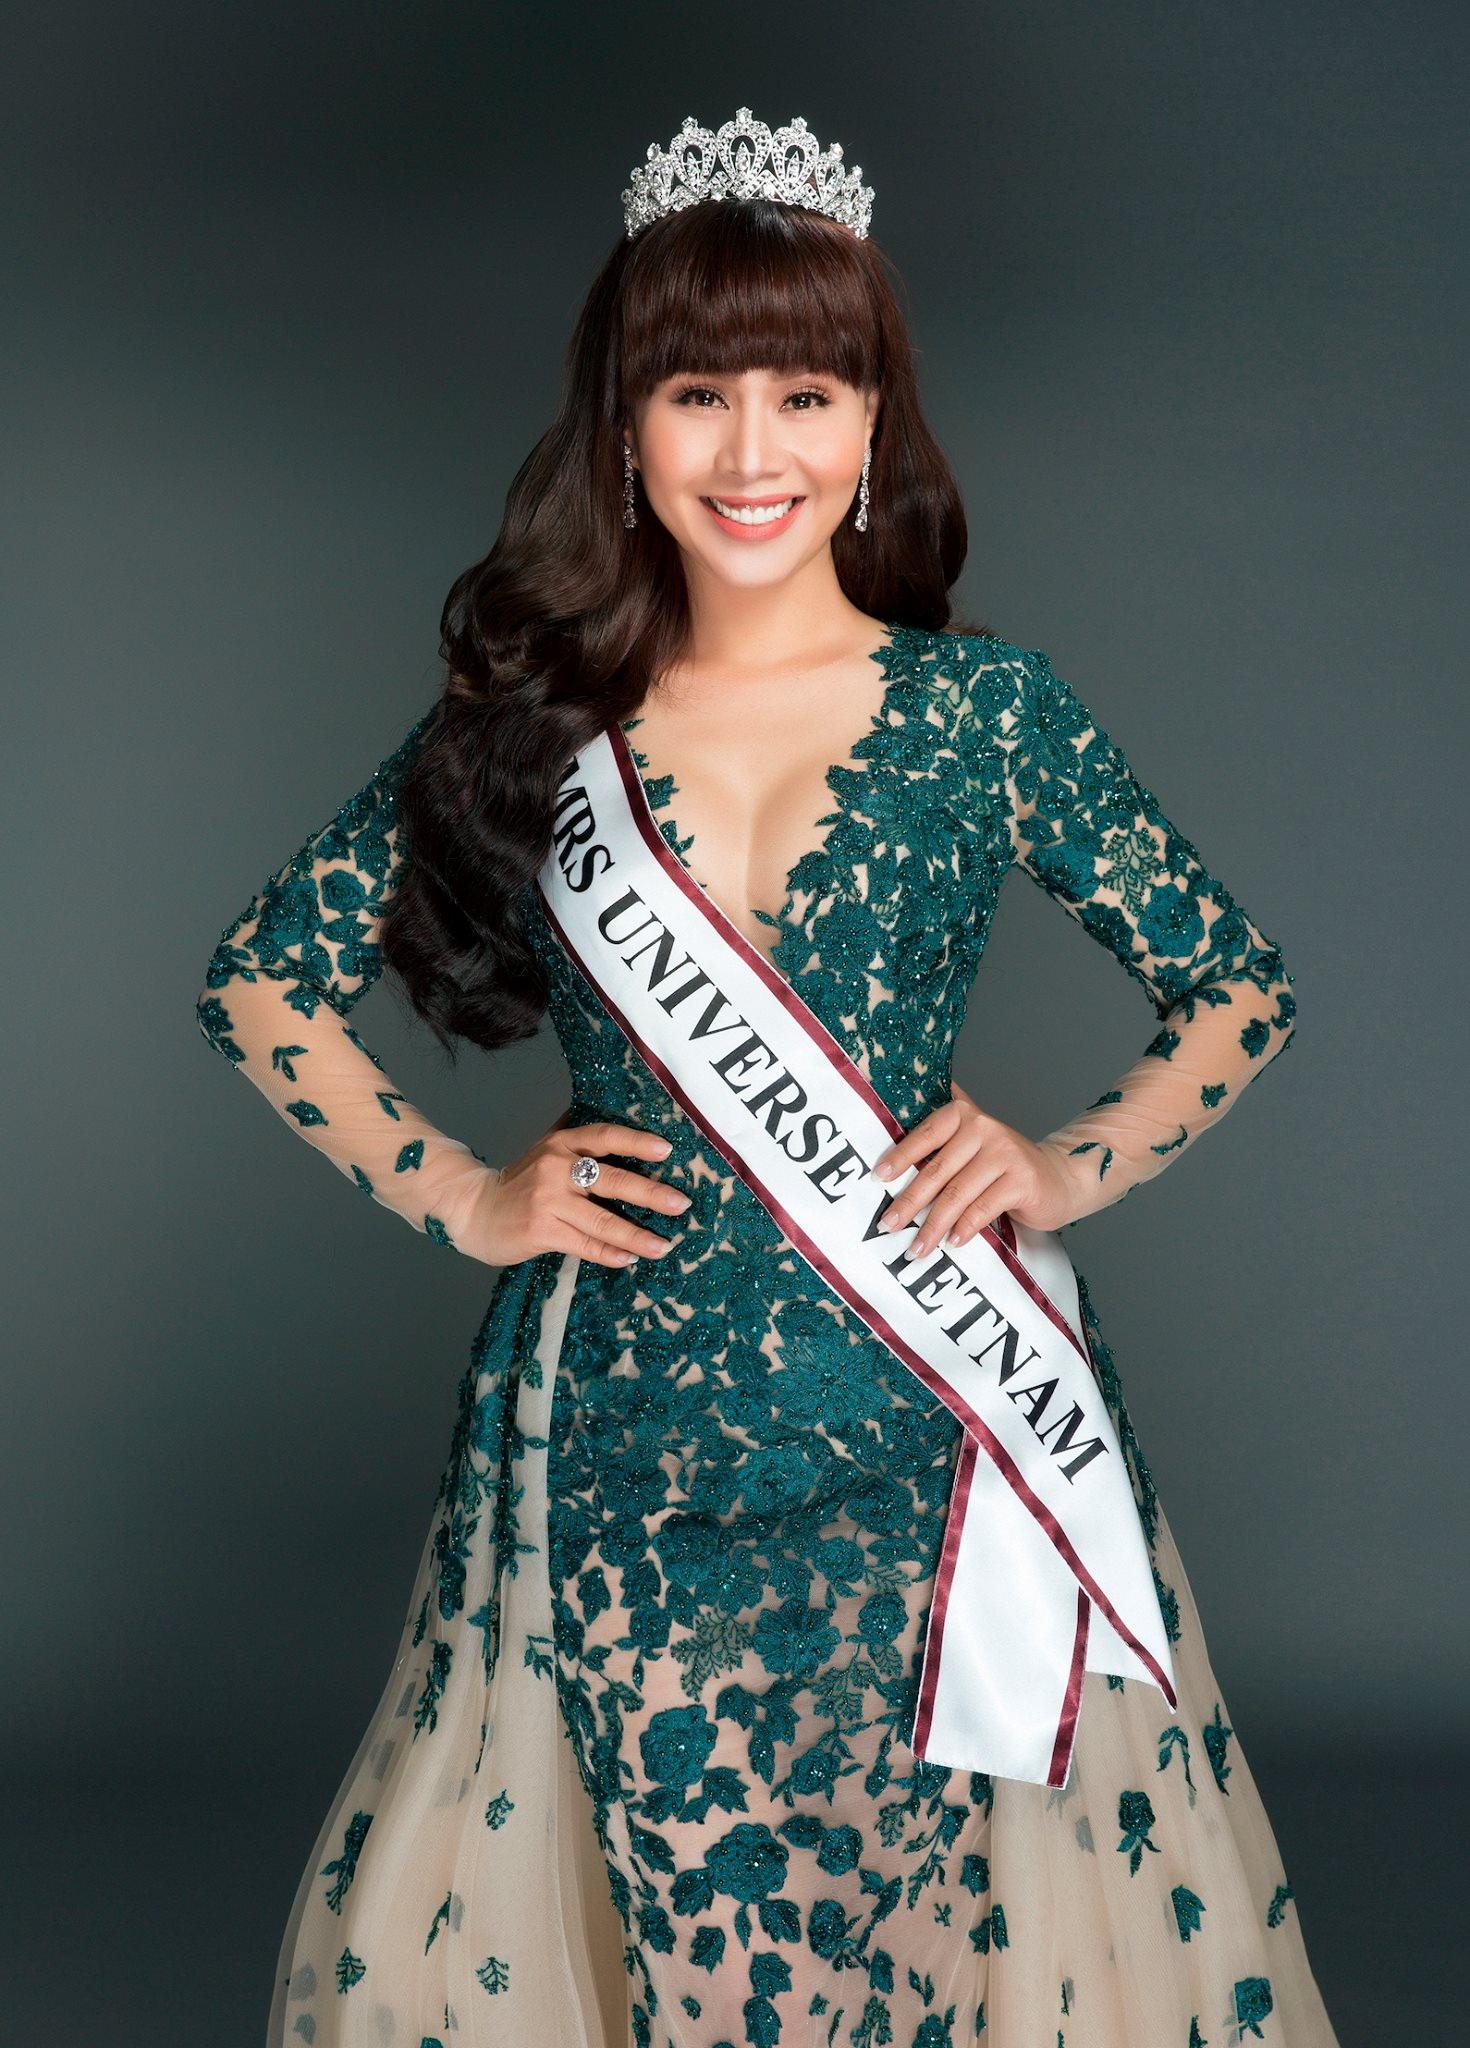 Vương miện Miss Earth Việt Nam nổi bật với 5 viên ngọc bích - Ảnh 2.